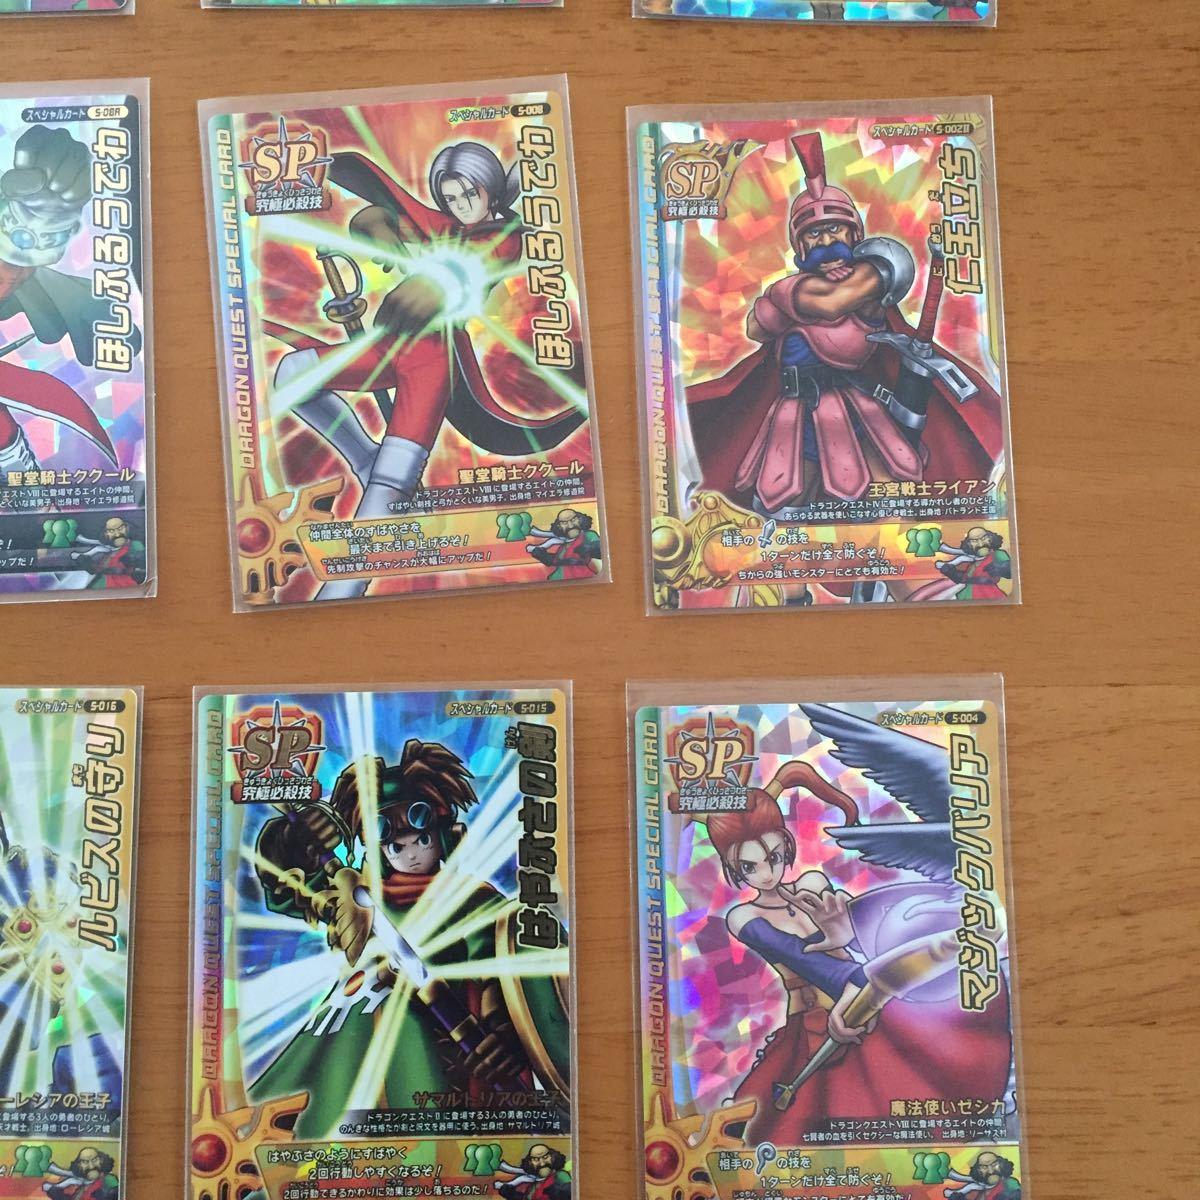 ドラゴンクエスト モンスター バトルロード SPカード など 16枚セット 500円_画像5